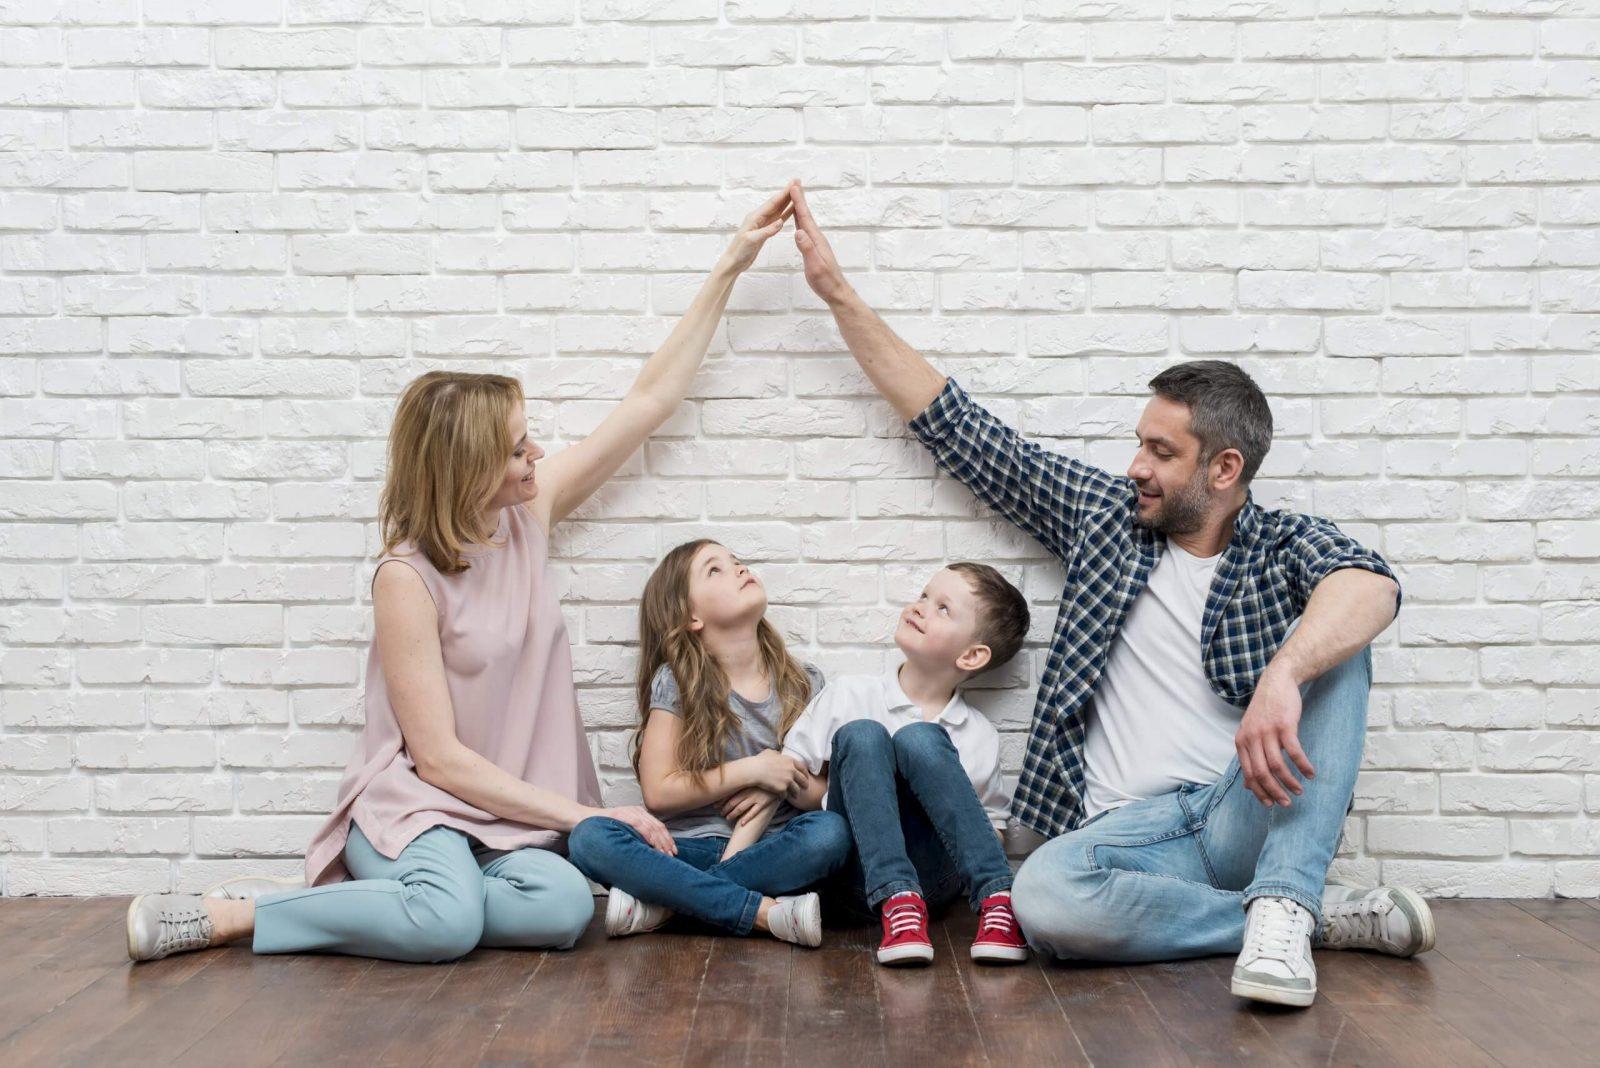 precio tratamiento de fertilidad